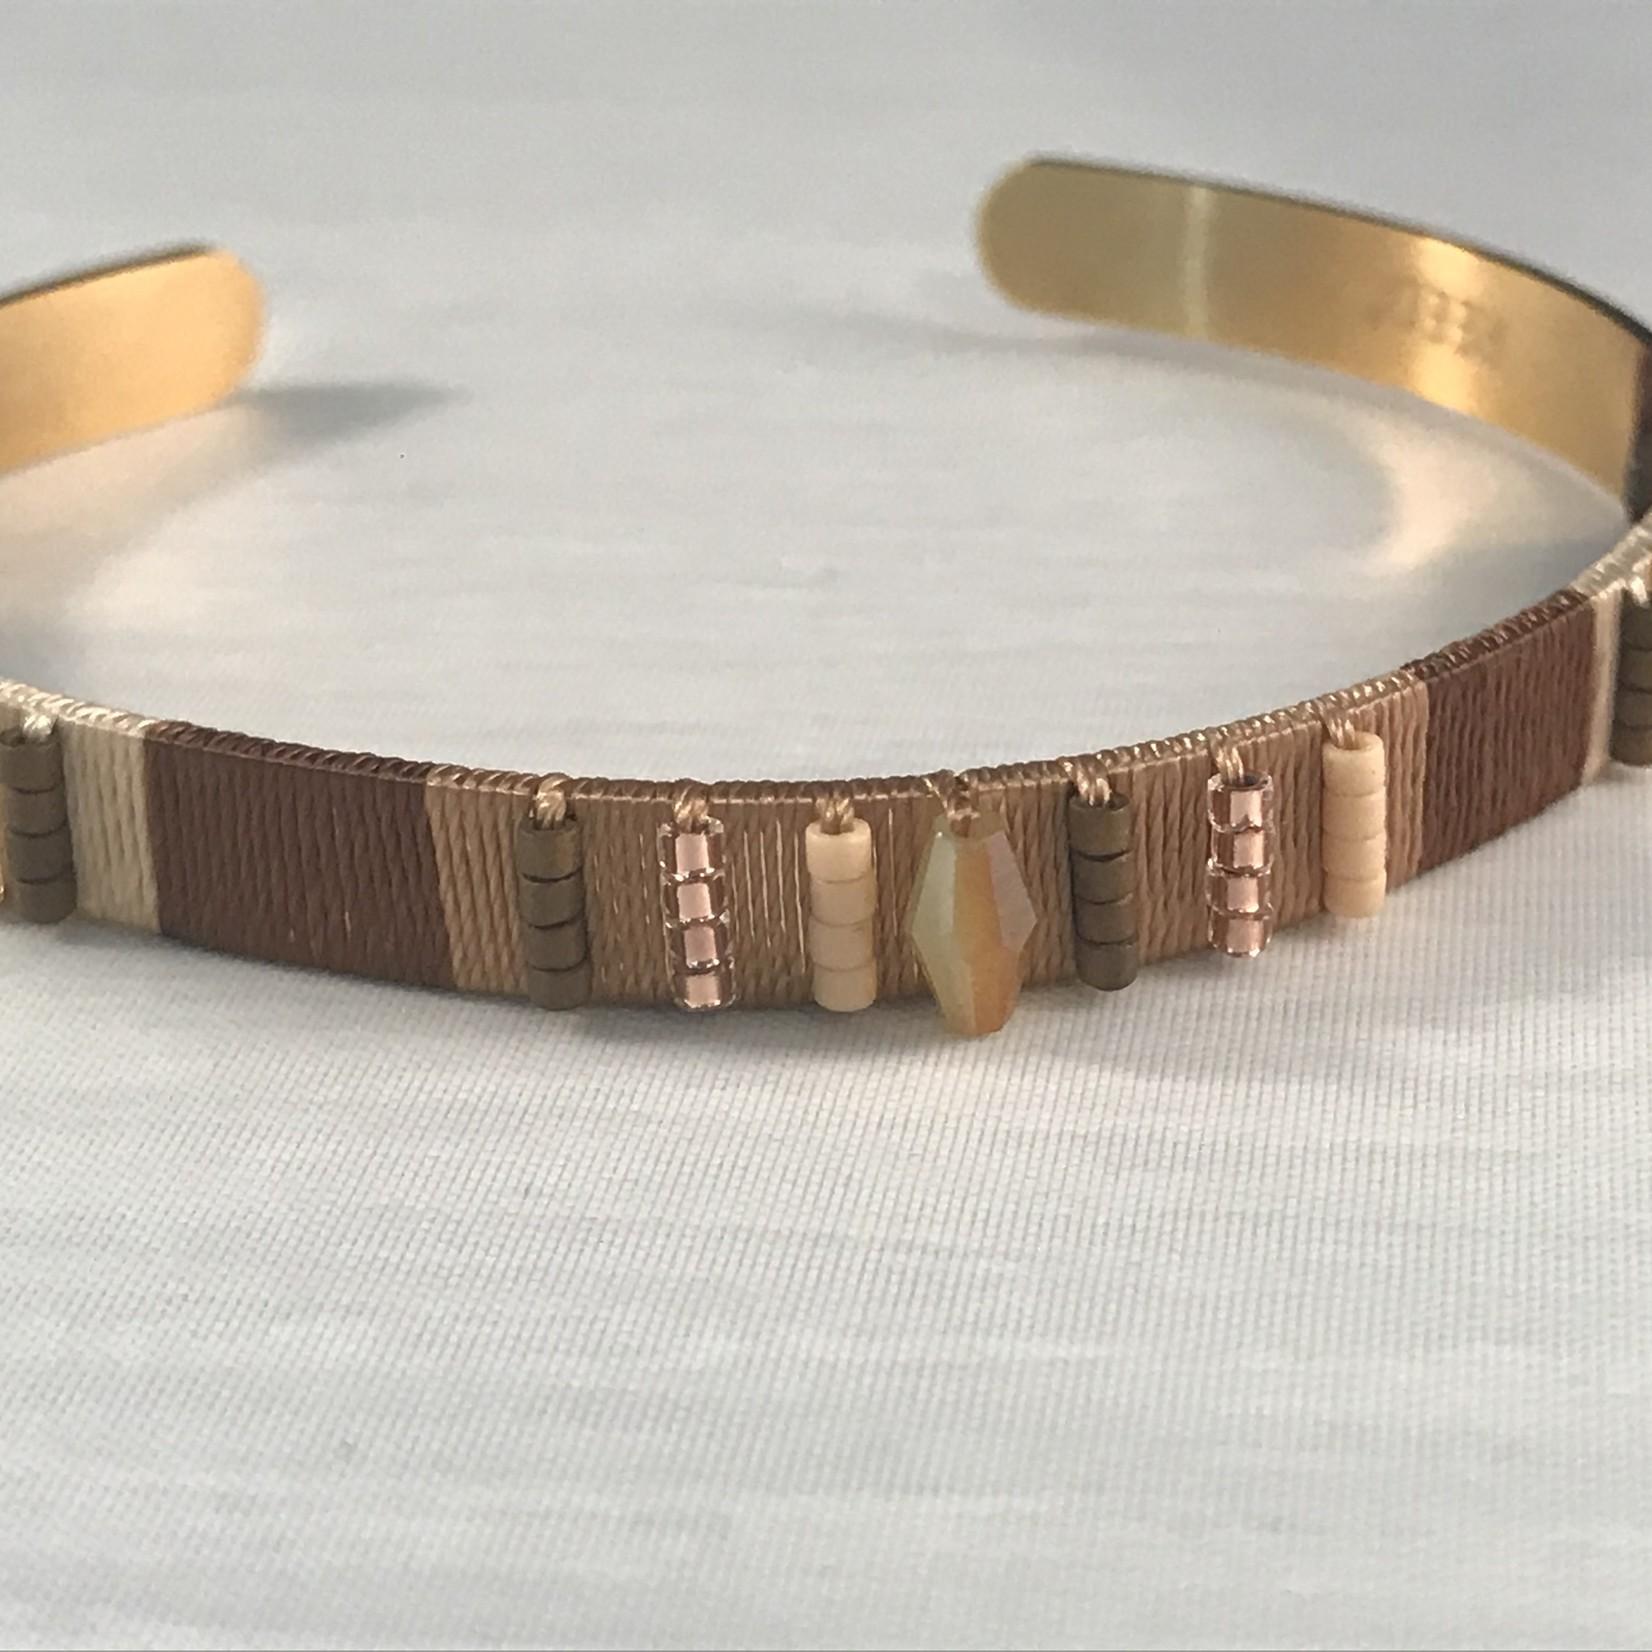 Biba armband goudkleurig en natuurtinten - 1 maat